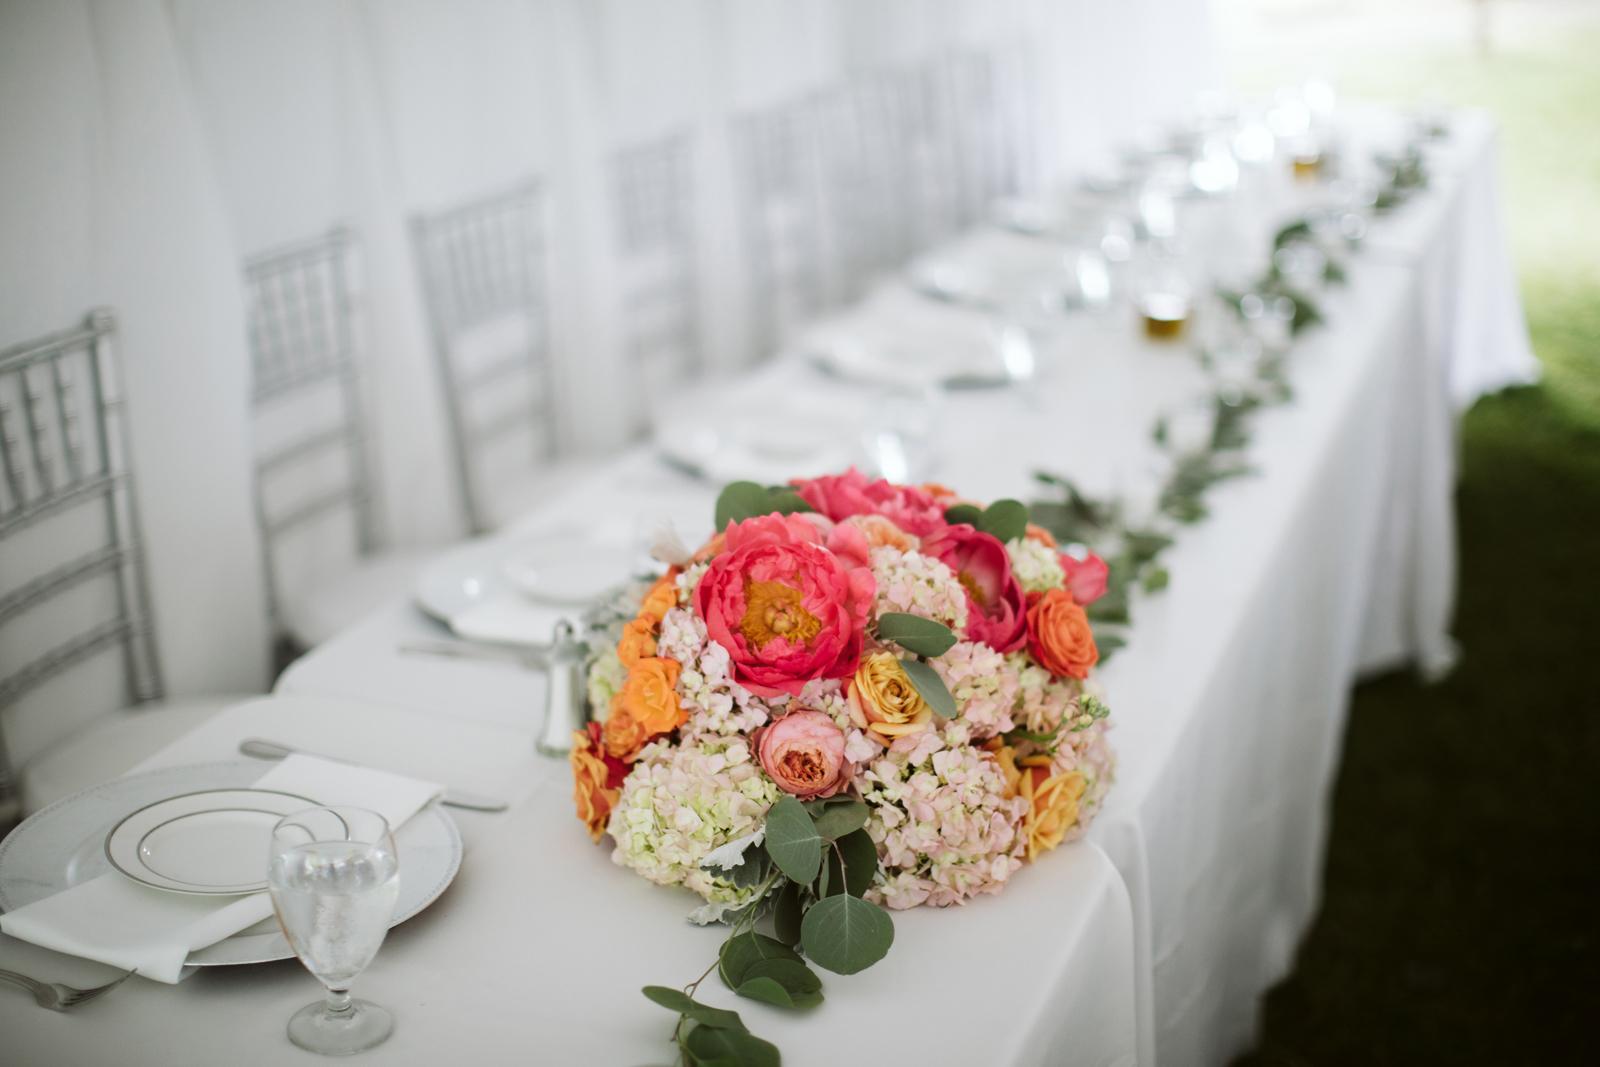 061-daronjackson-gabby-alec-wedding.jpg